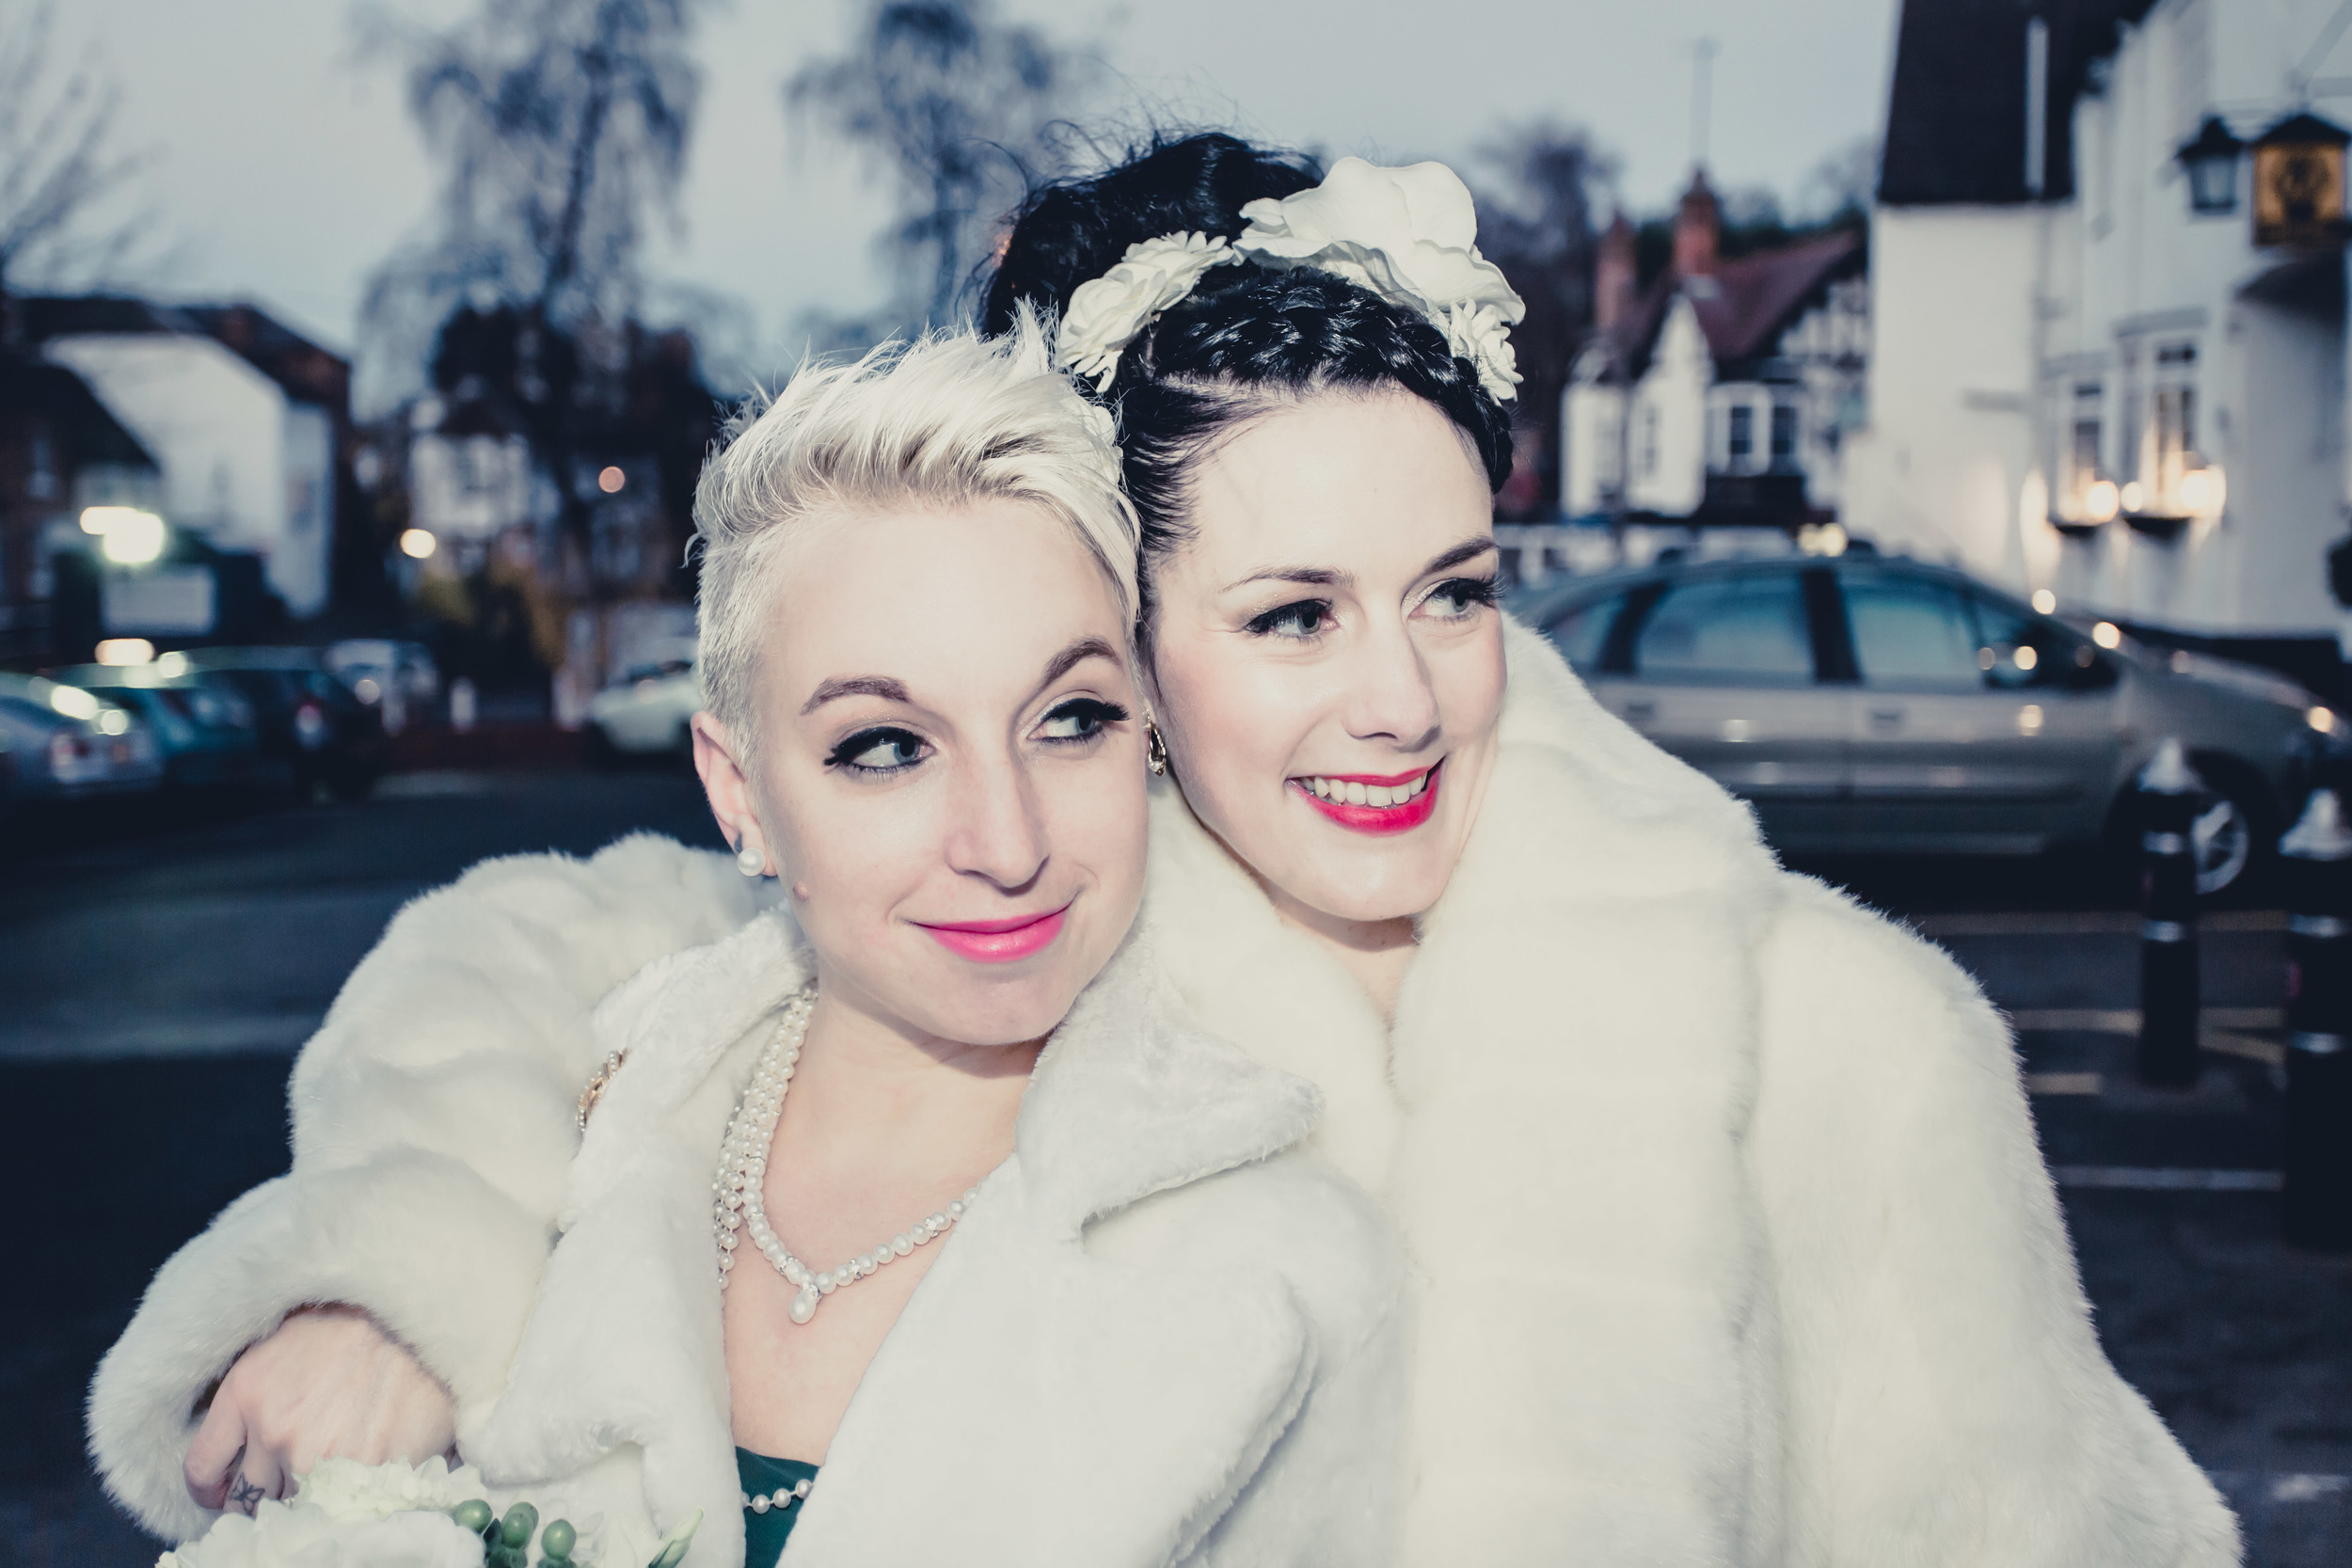 146 - Angela and Karls Wedding by www.markpugh.com -6940.jpg